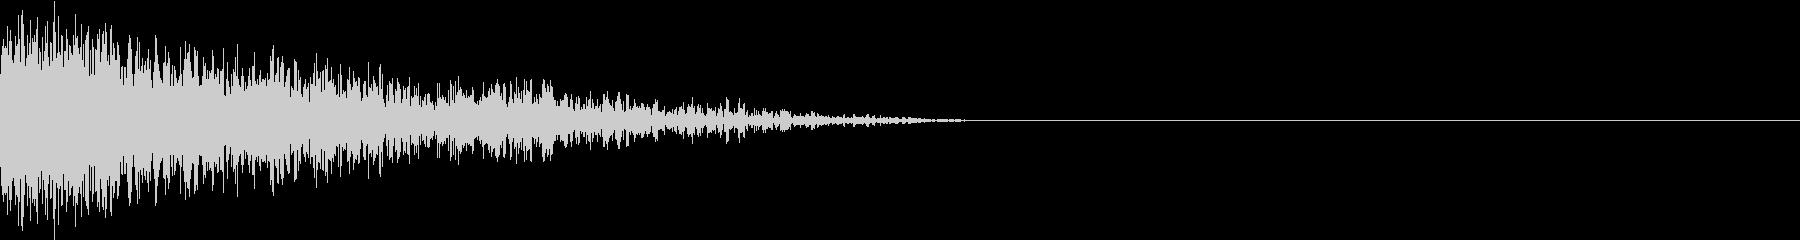 衝撃 金属音 恐怖 震撼 ホラー 32の未再生の波形